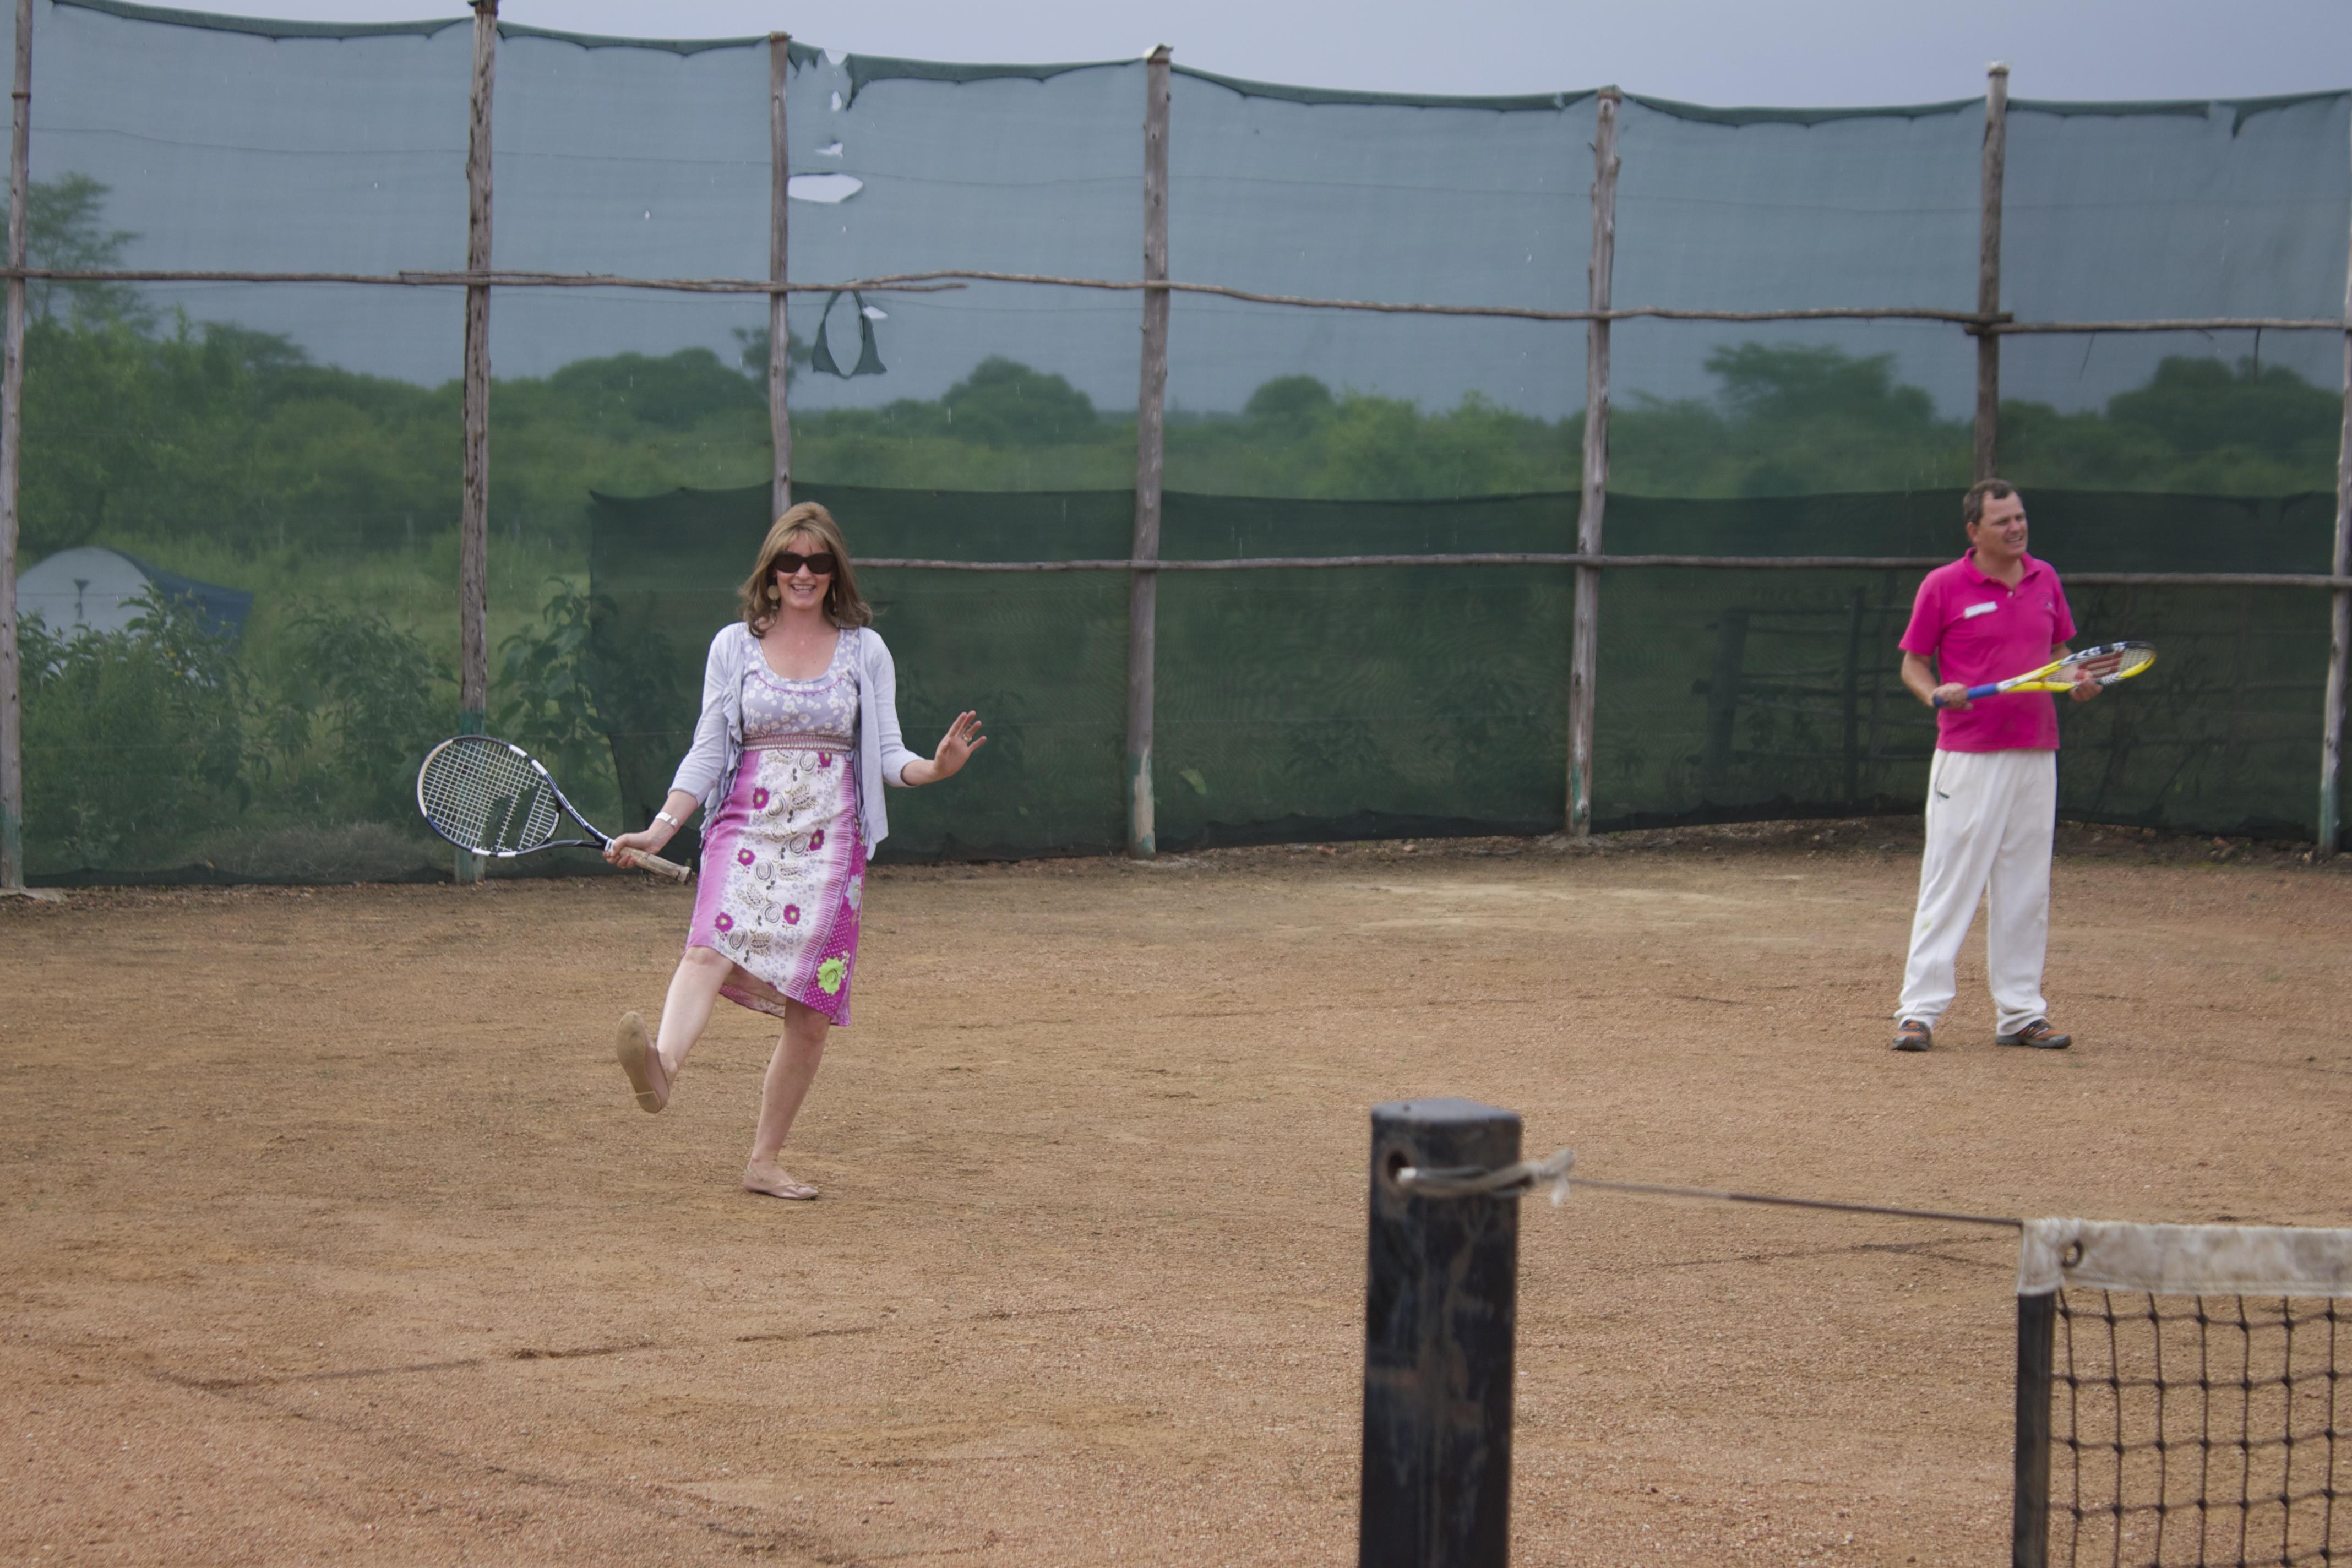 tennis pro!